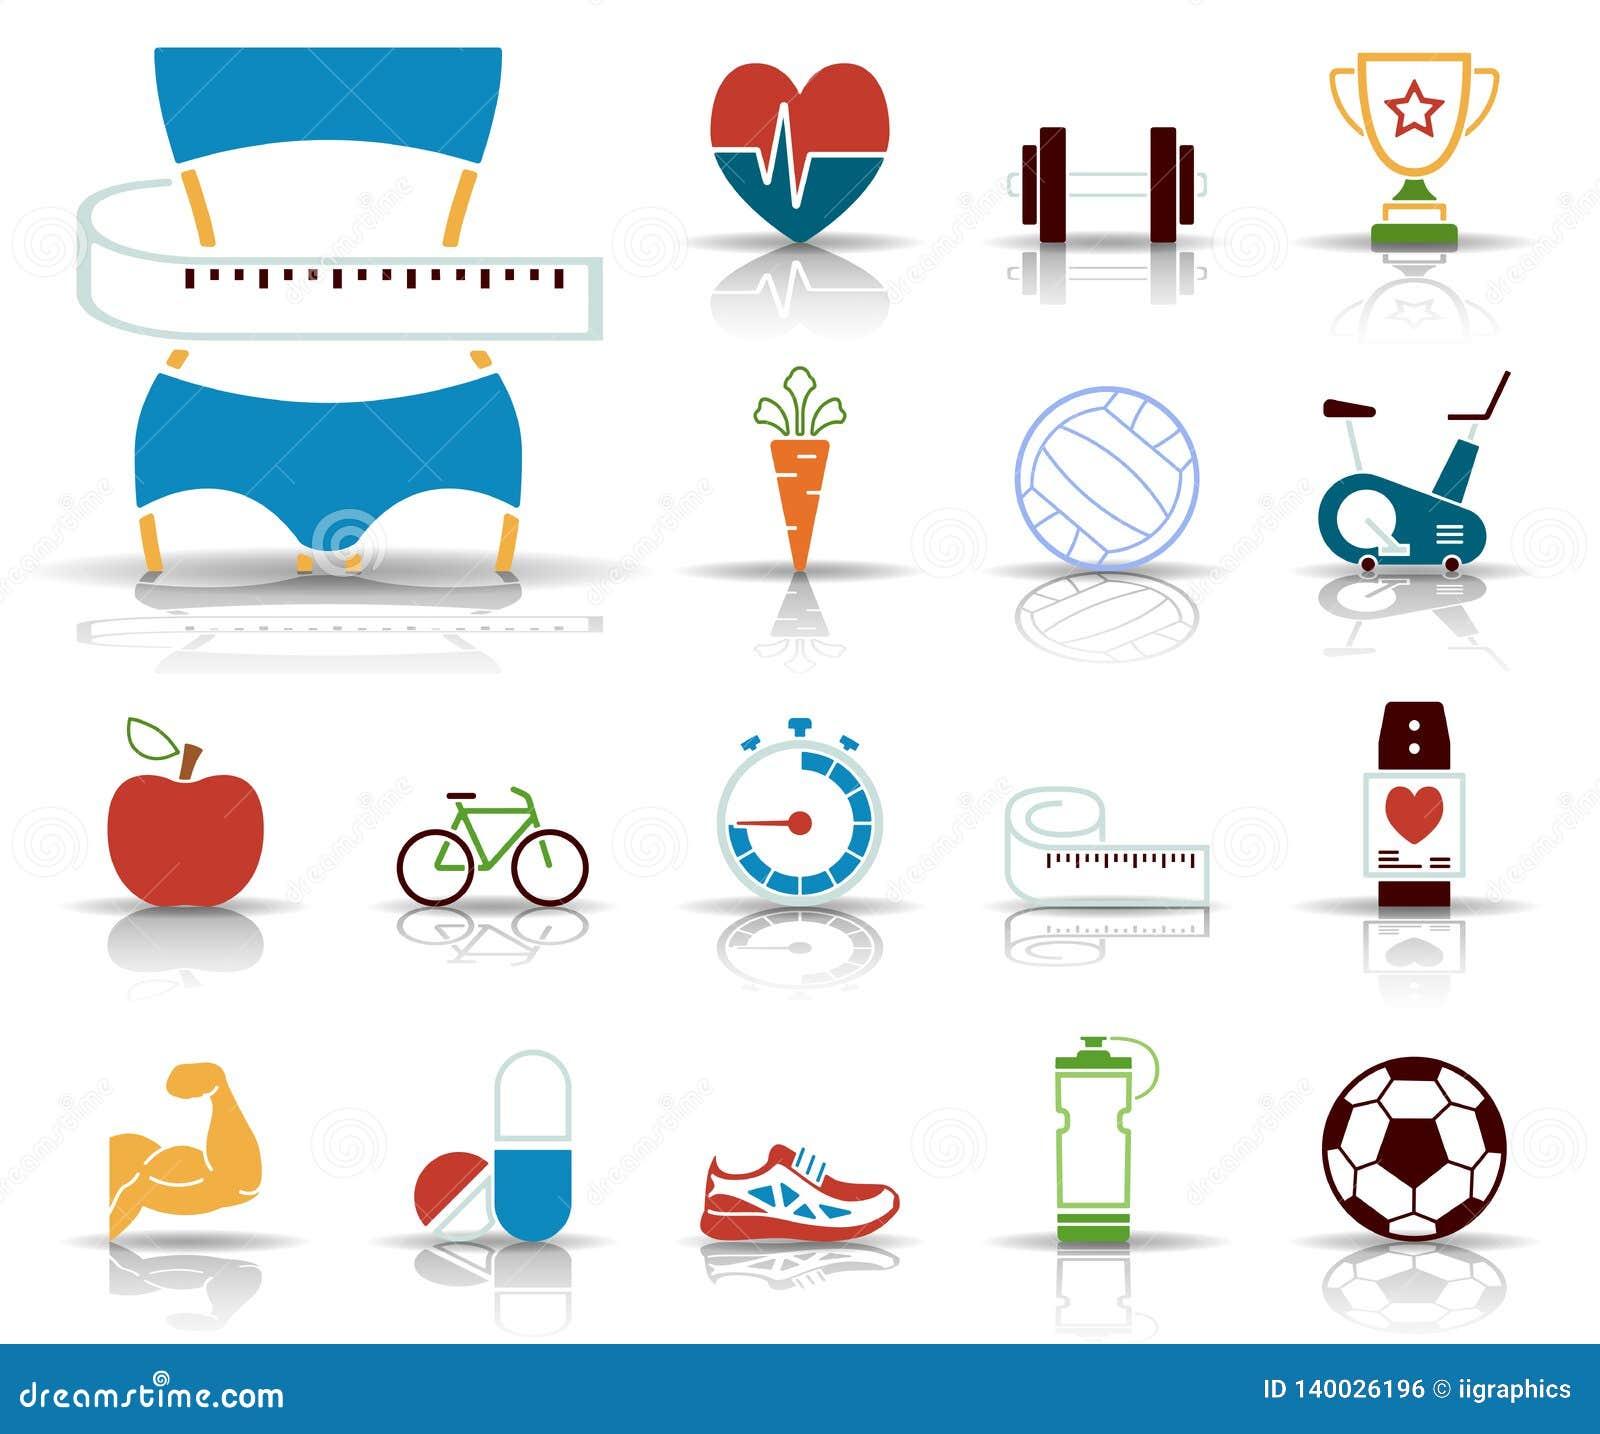 Forme physique et aliments de préparation rapide - Iconset - icônes